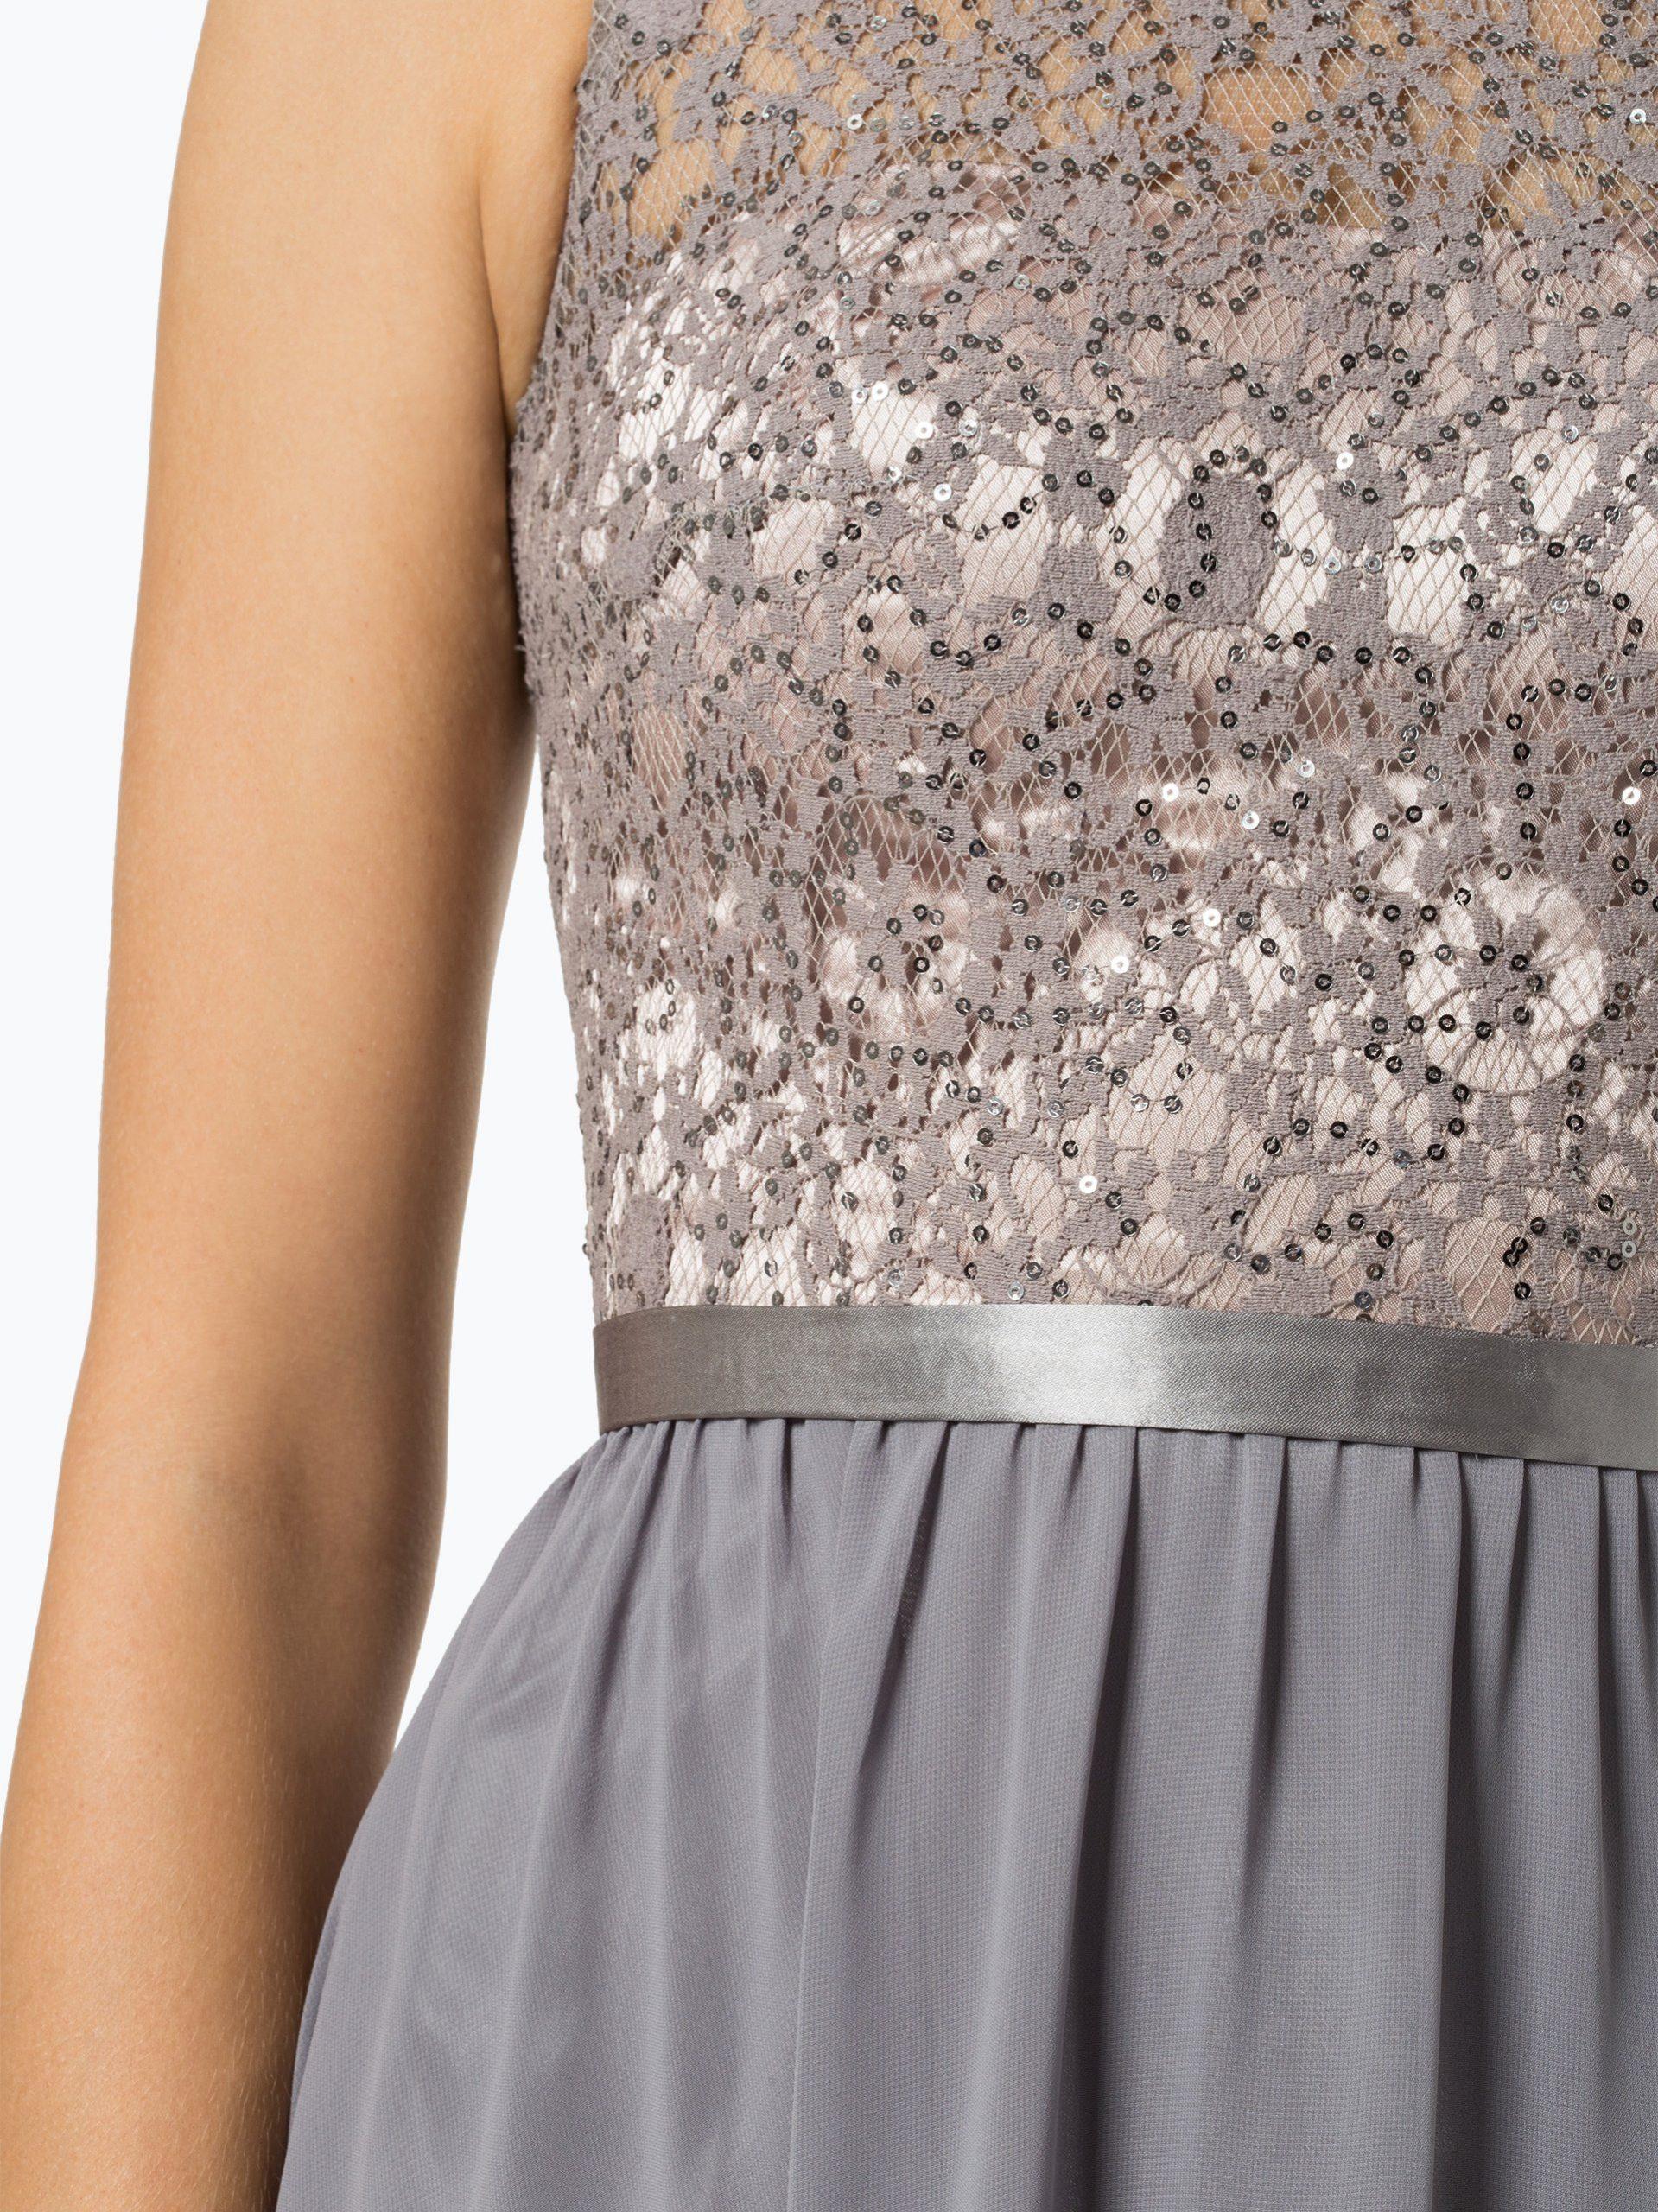 20 Schön Laona Damen Abendkleid für 2019Formal Schön Laona Damen Abendkleid für 2019